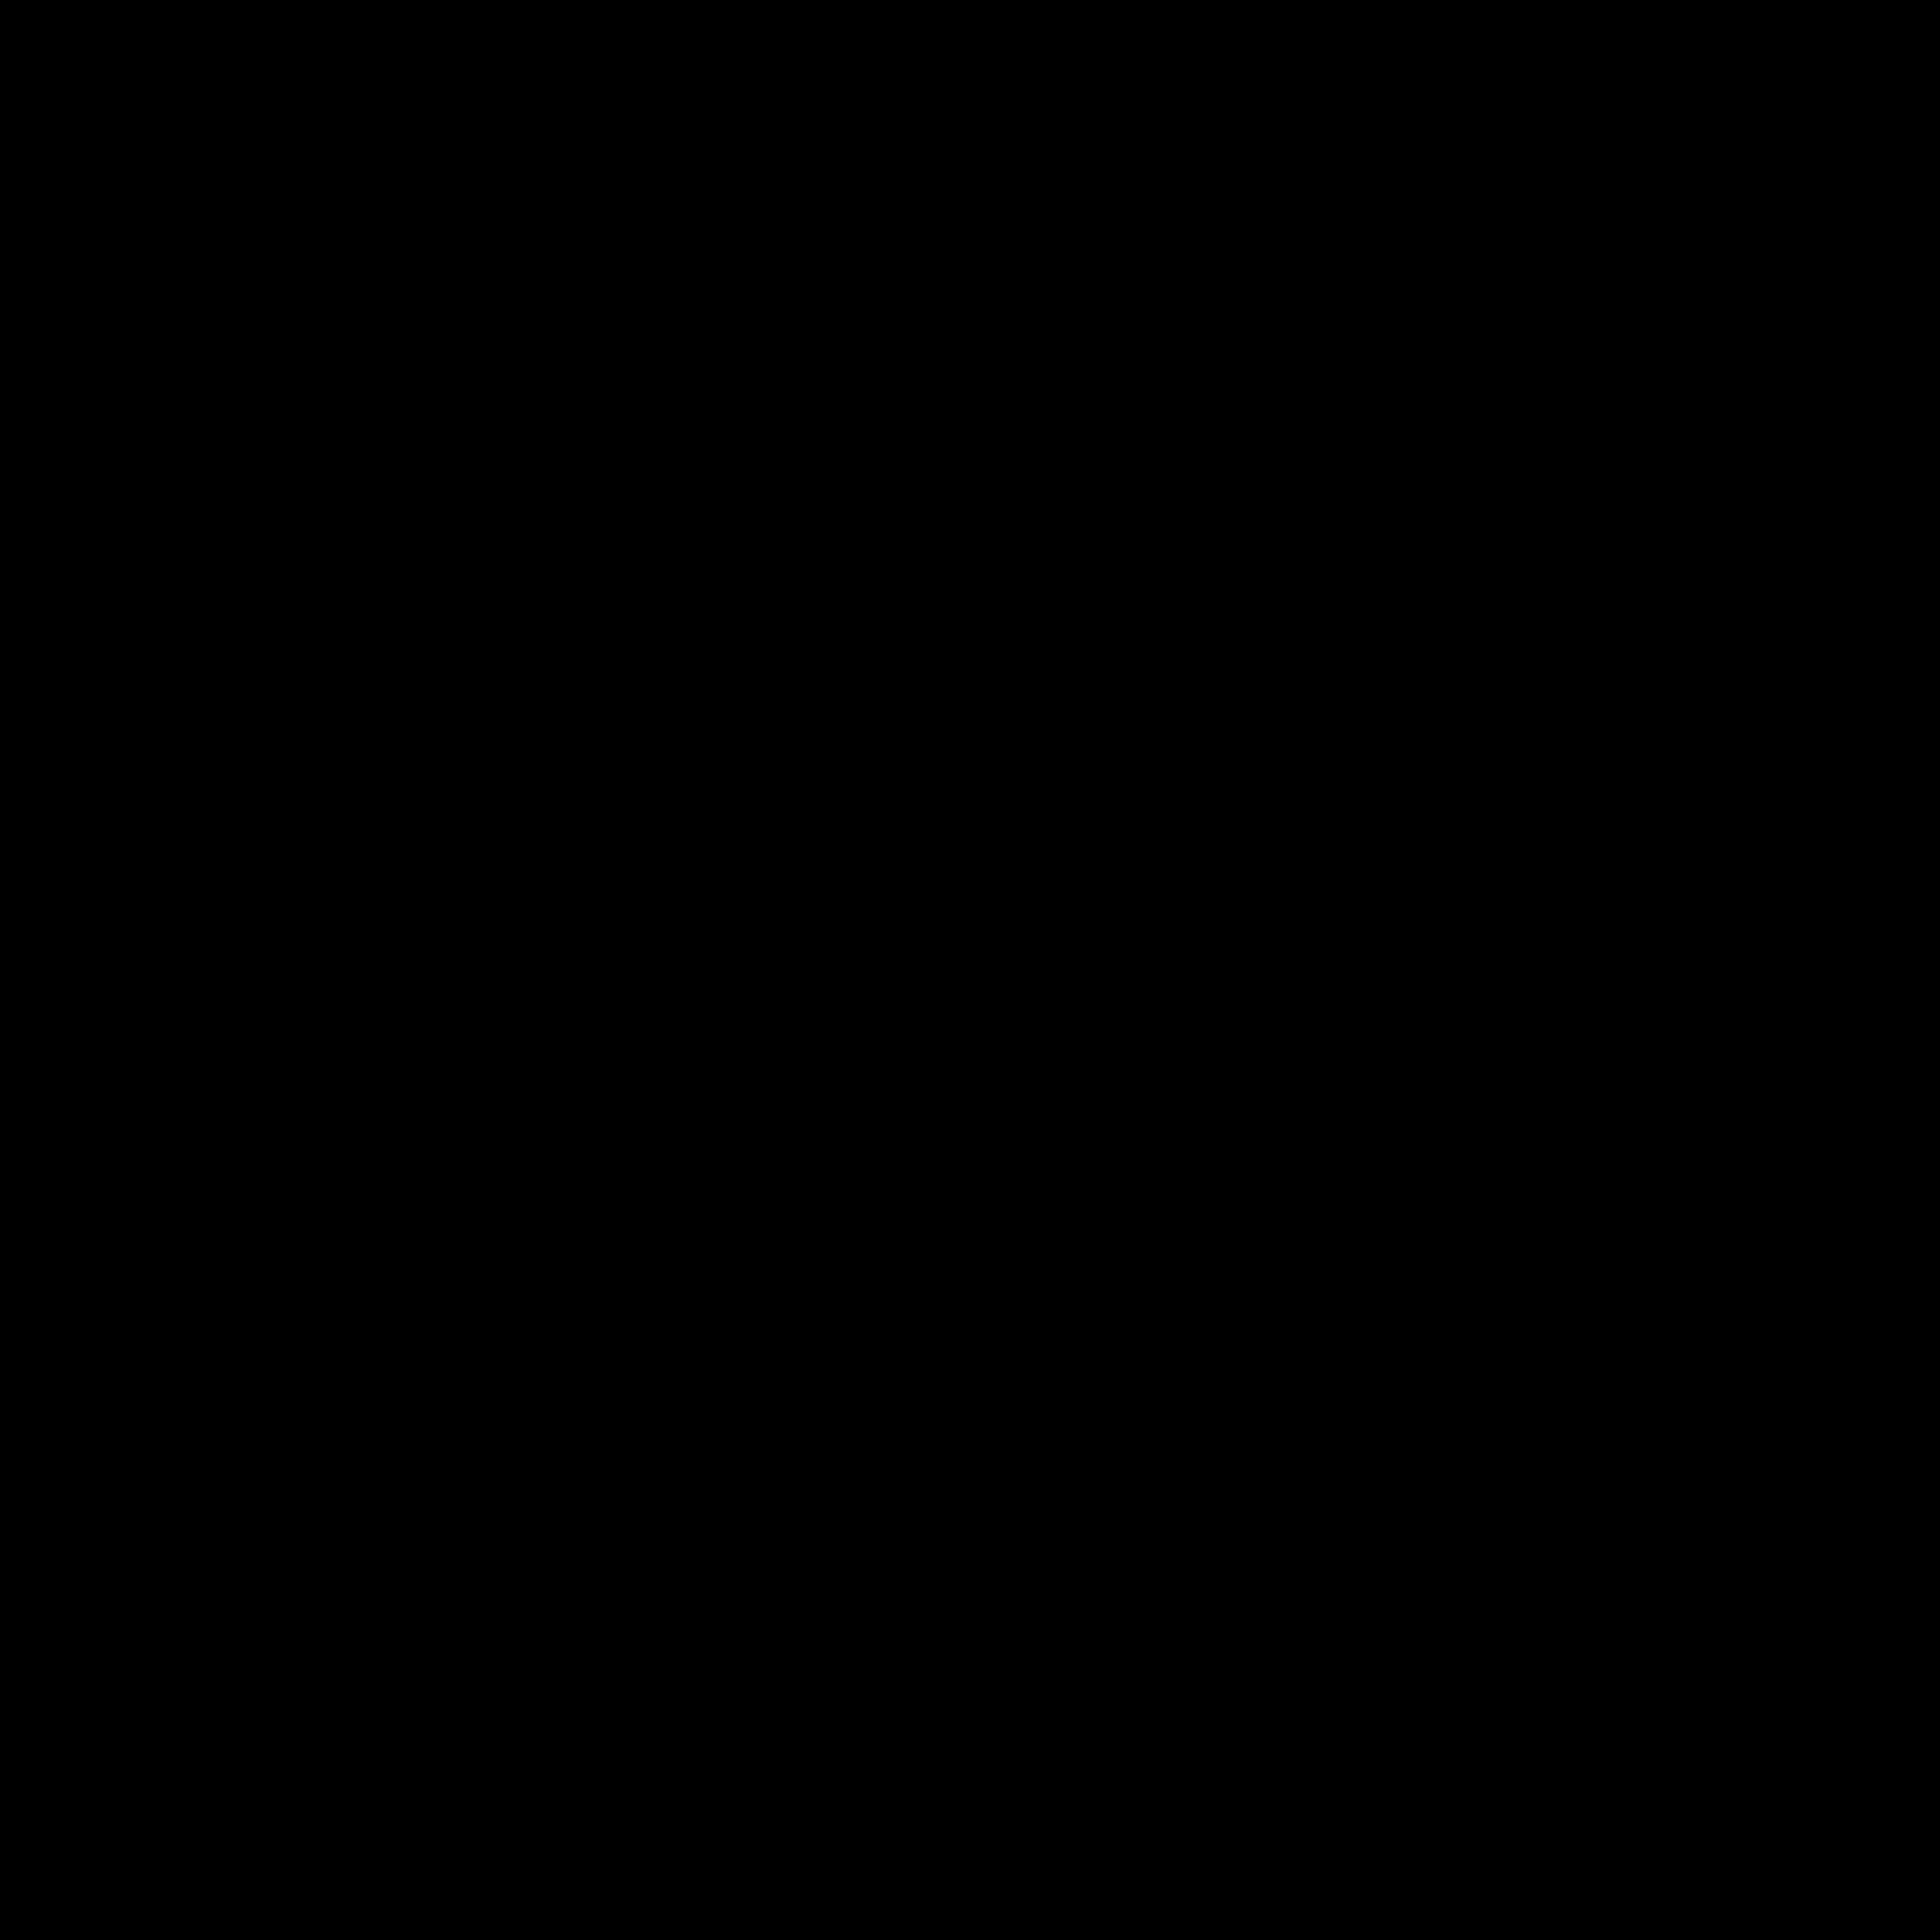 KBB Logo PNG Transparent & SVG Vector.